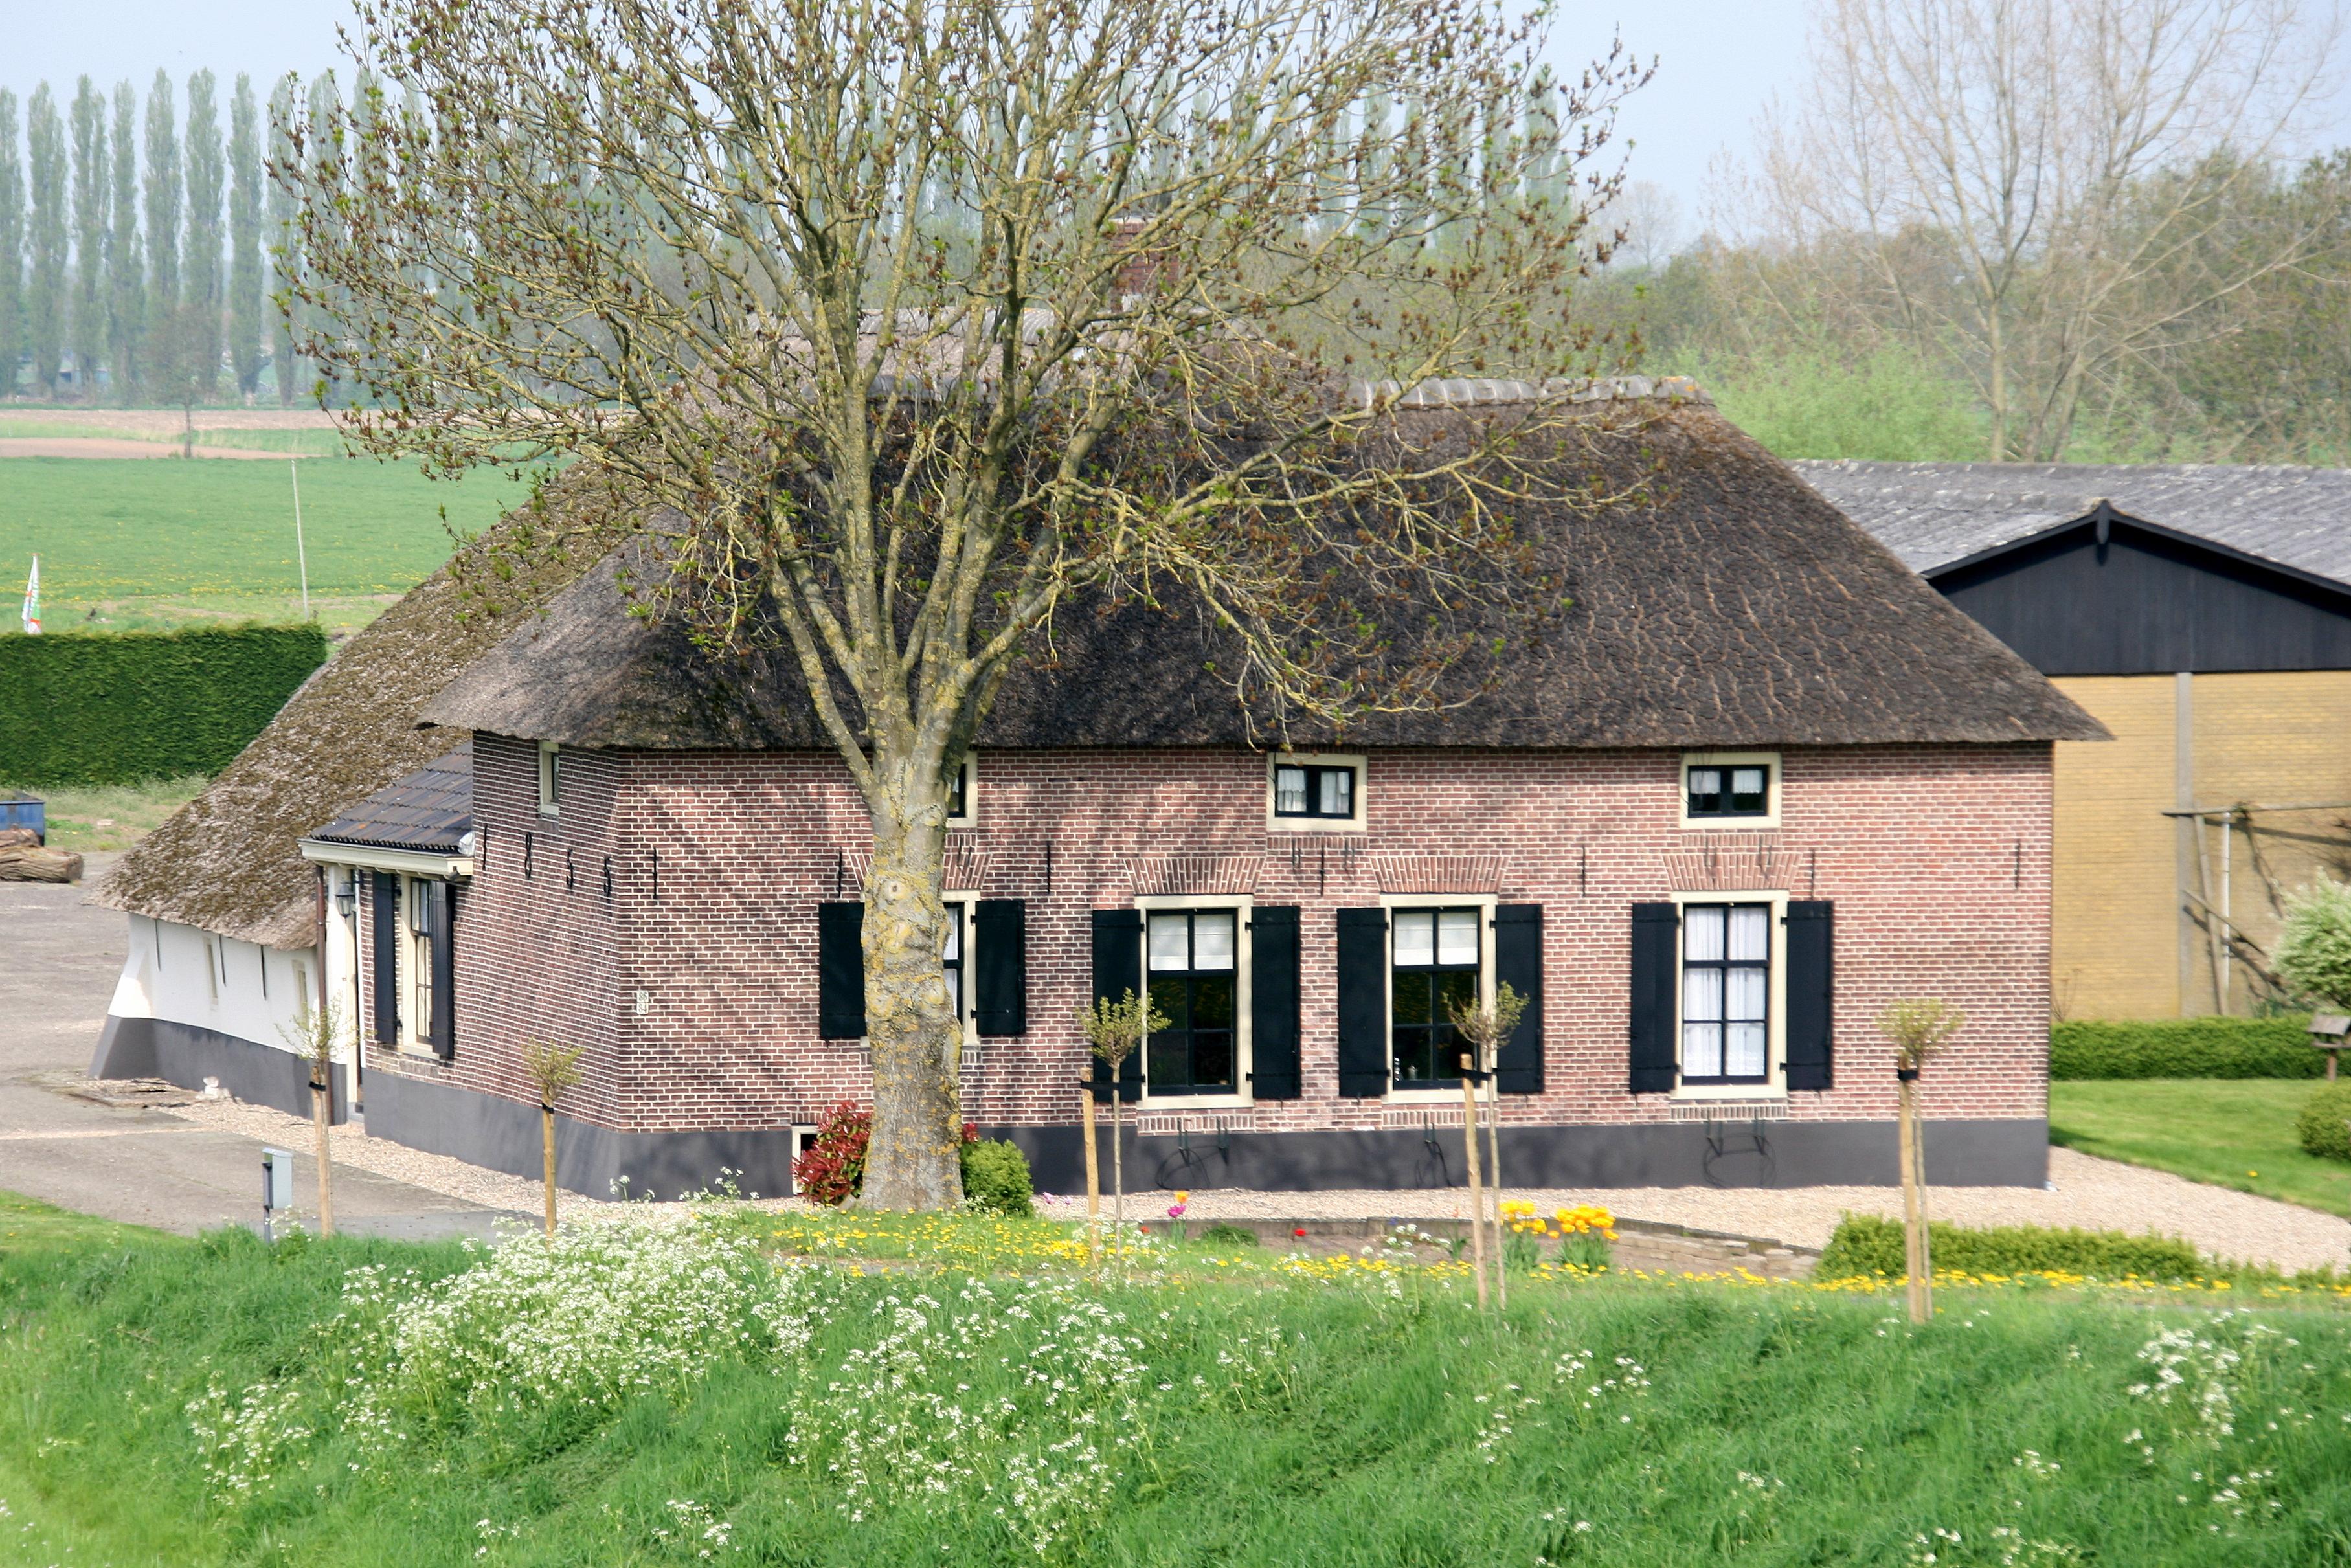 File:Hagestein - Lekdijk 84 Boerderij.jpg - Wikimedia Commons